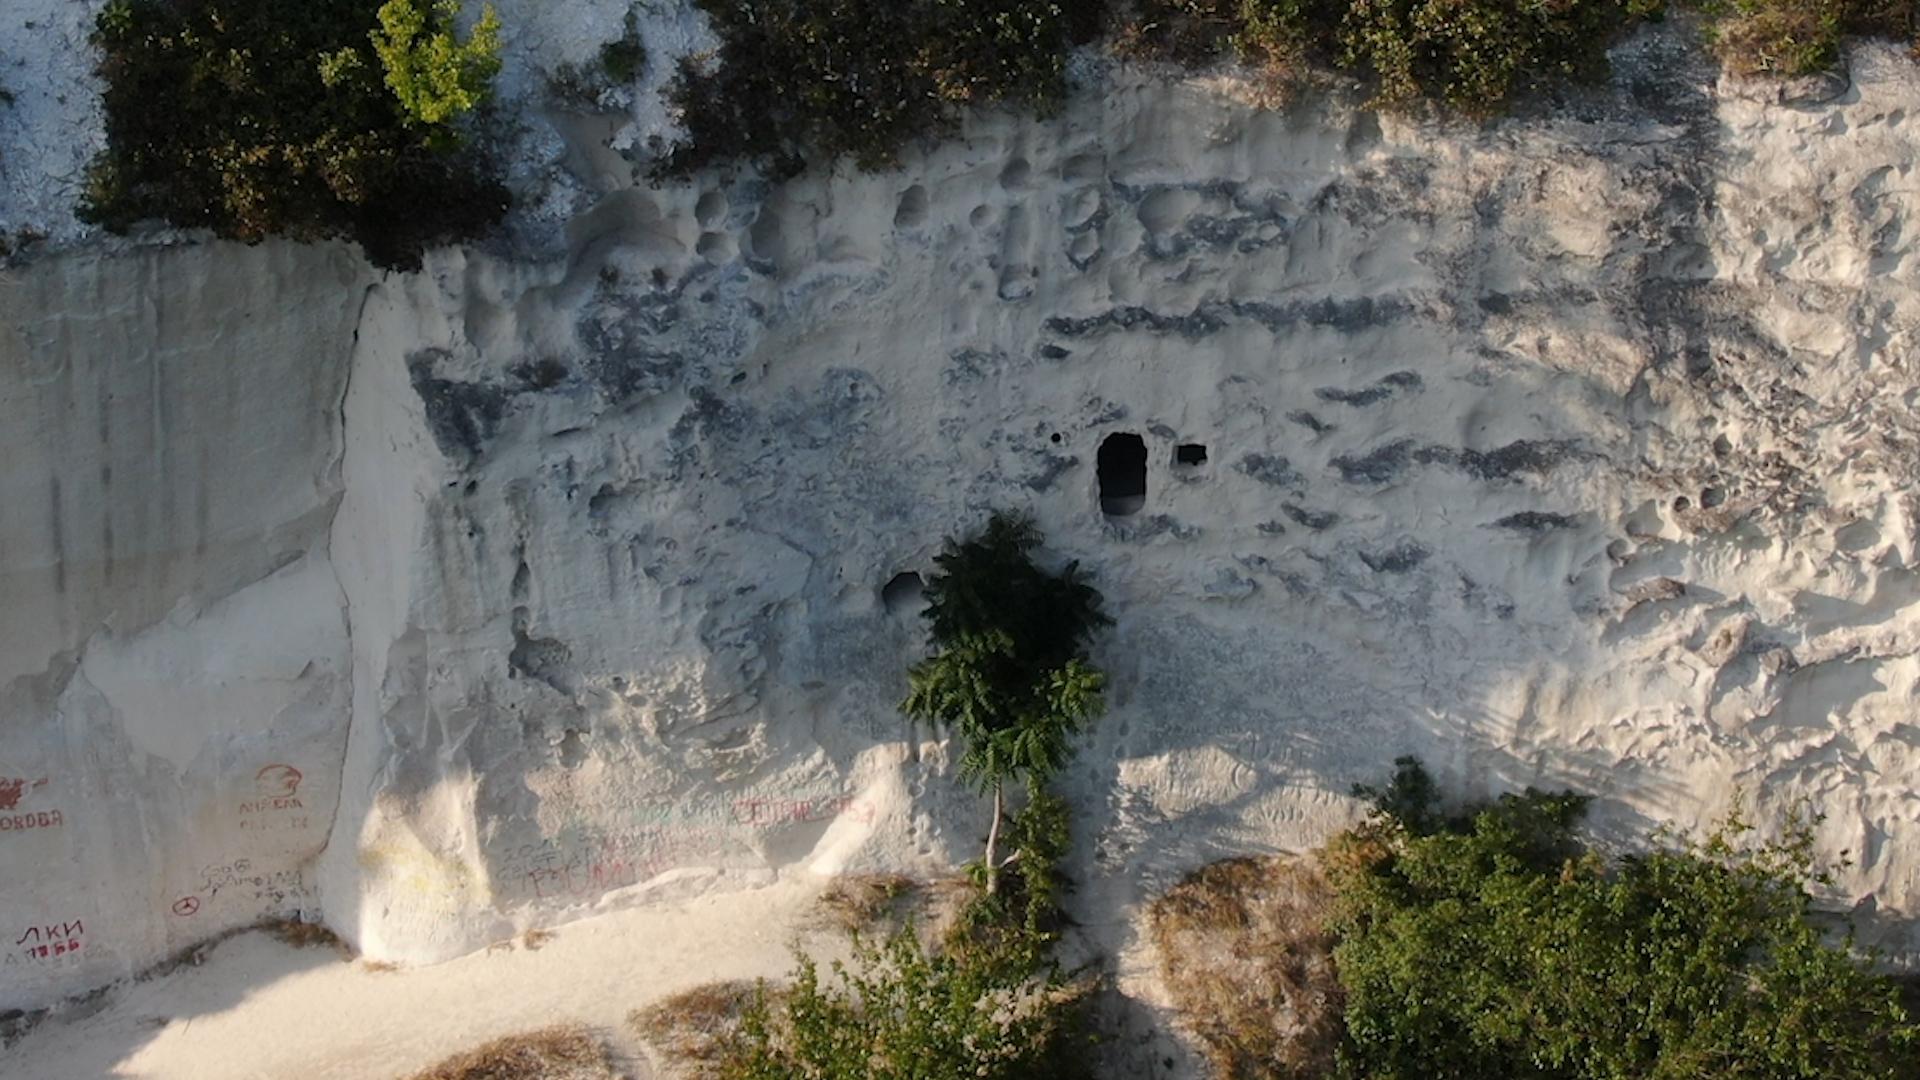 ВИДЕО | Одно из самых красивых и загадочных мест в Сороках осталось без посетителей